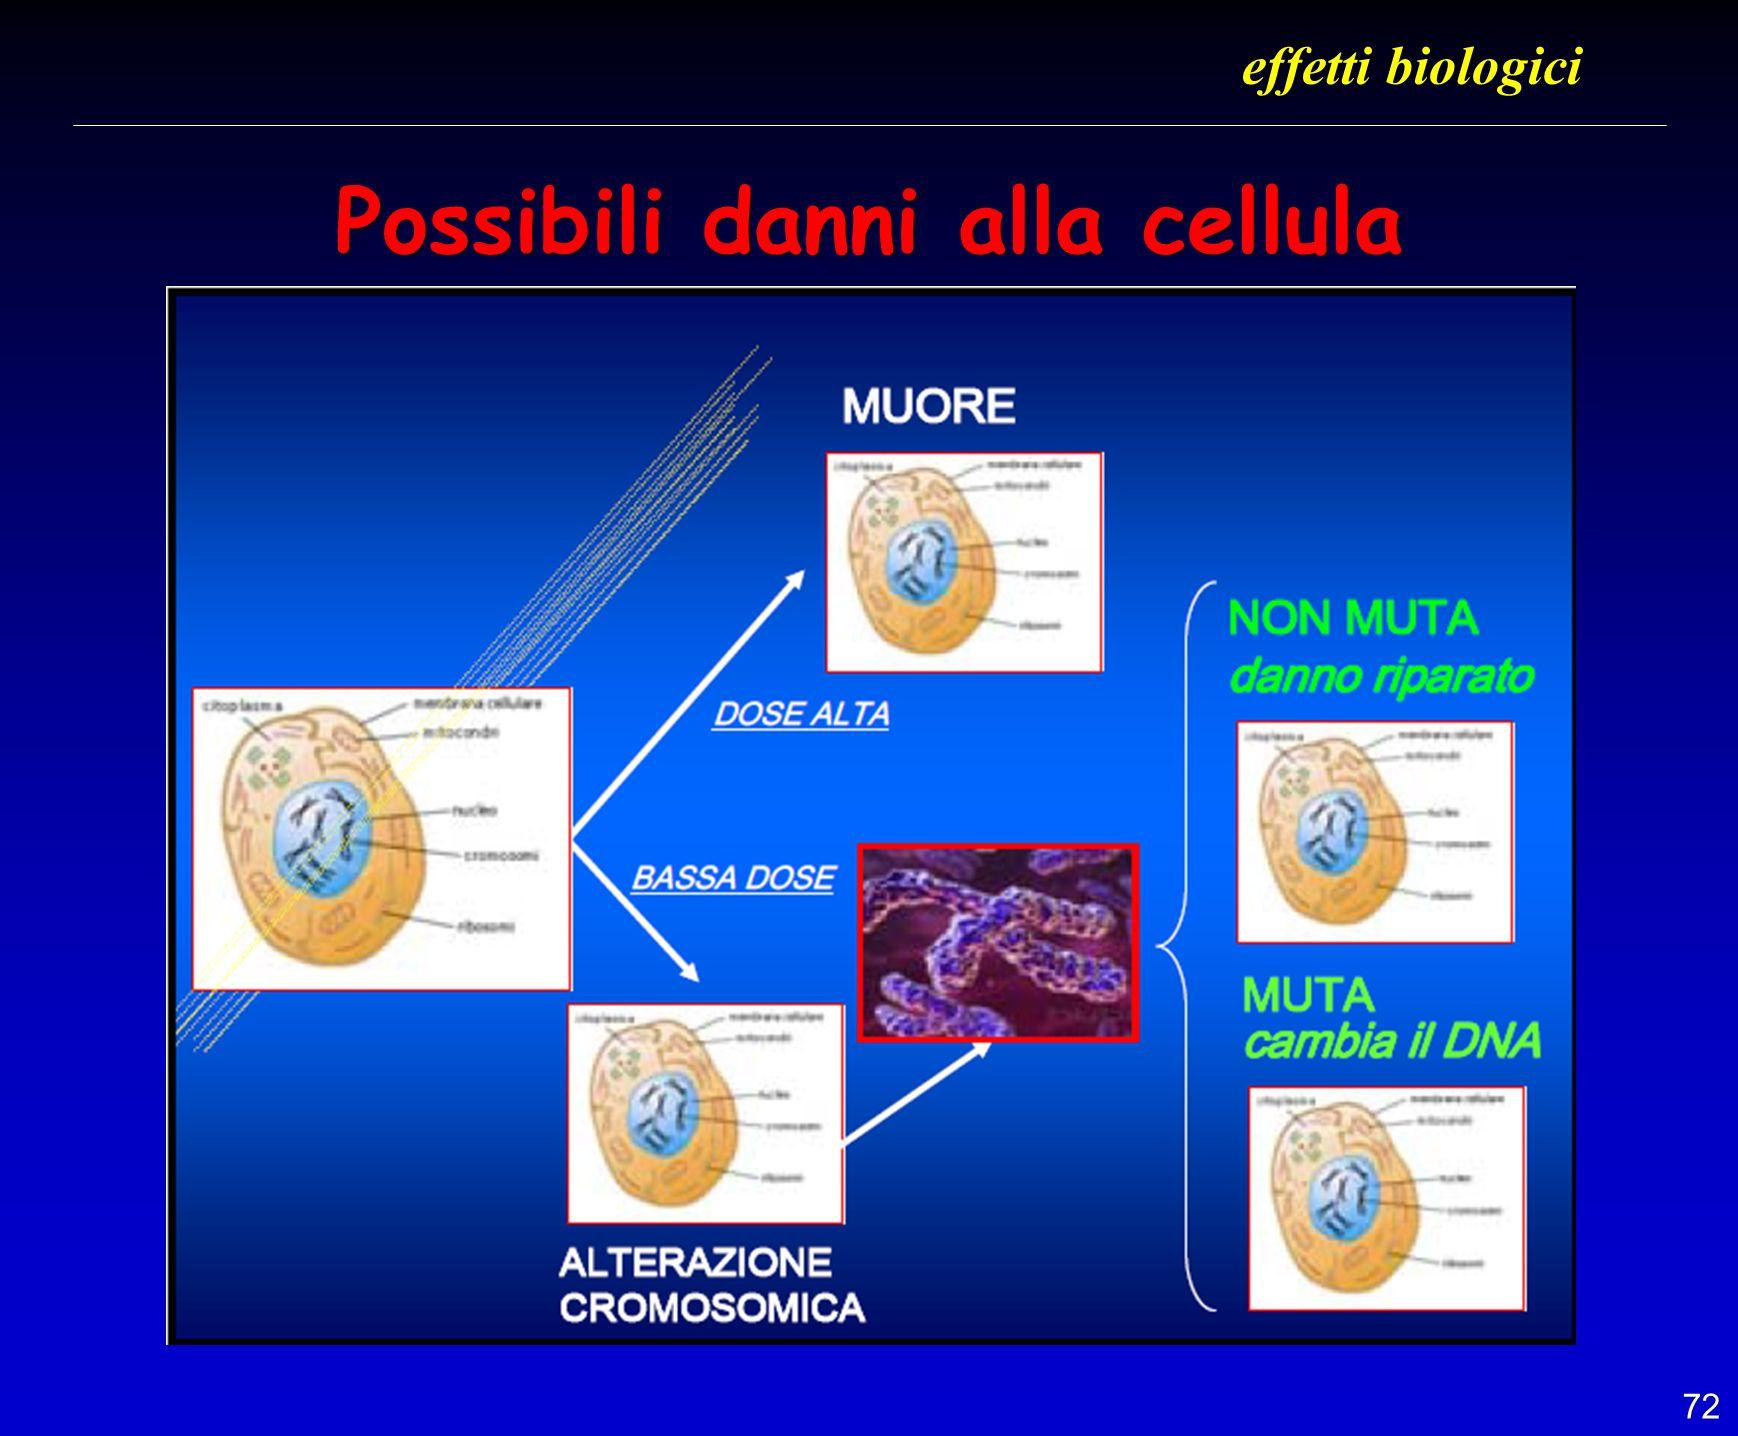 72 Possibili danni alla cellula effetti biologici